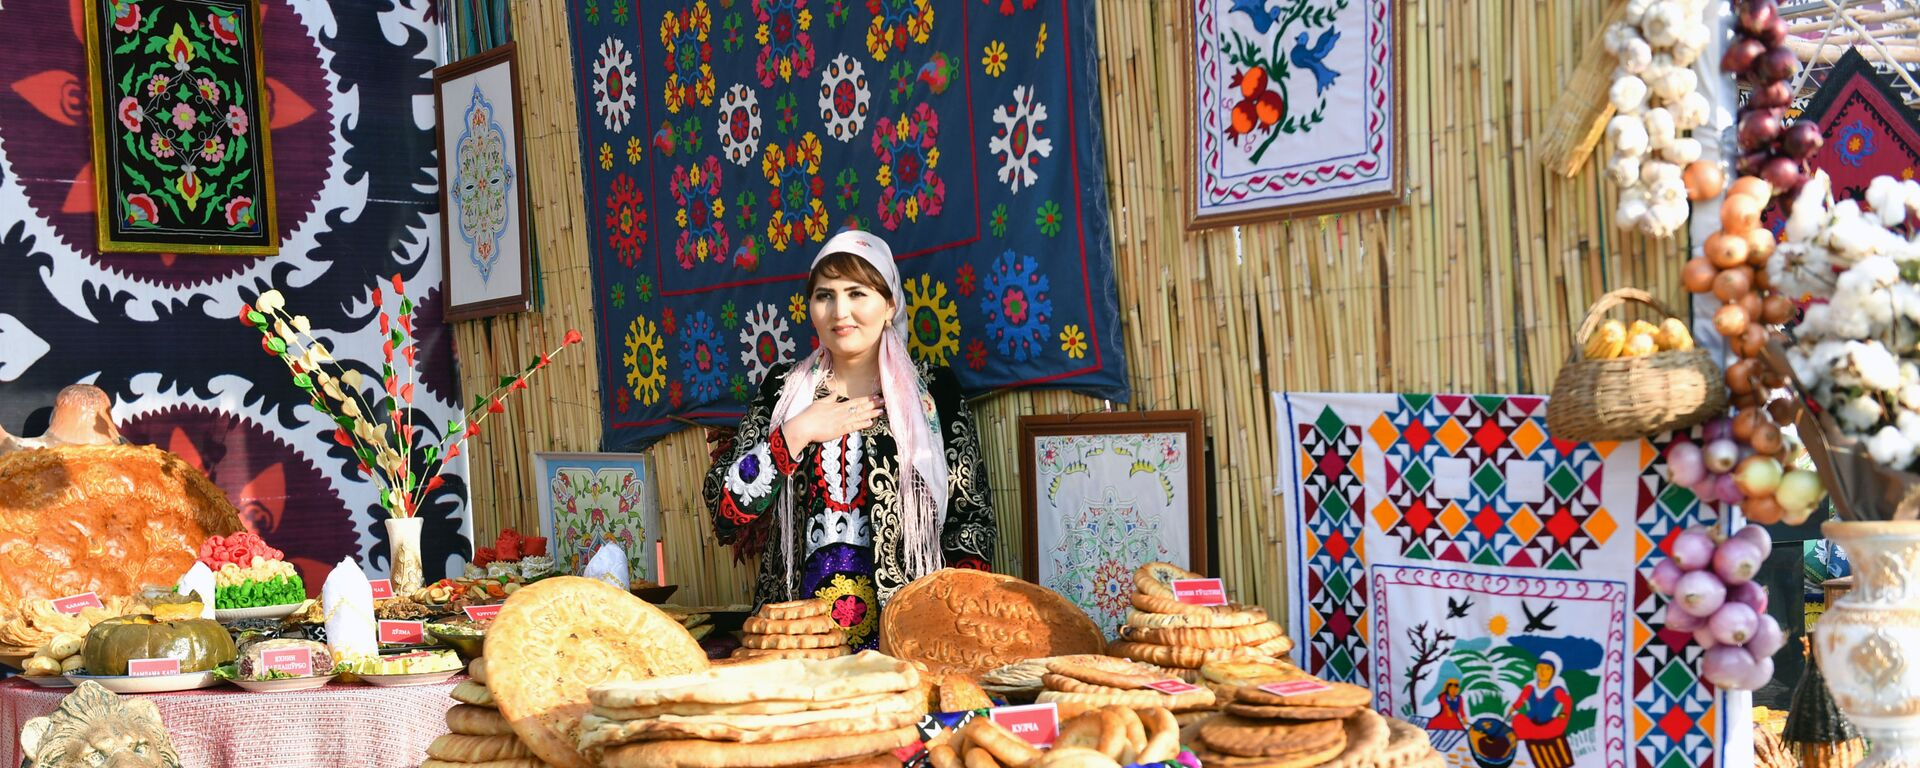 Достижения народного хозяйства на выставке в Согдийской области - Sputnik Таджикистан, 1920, 11.06.2021